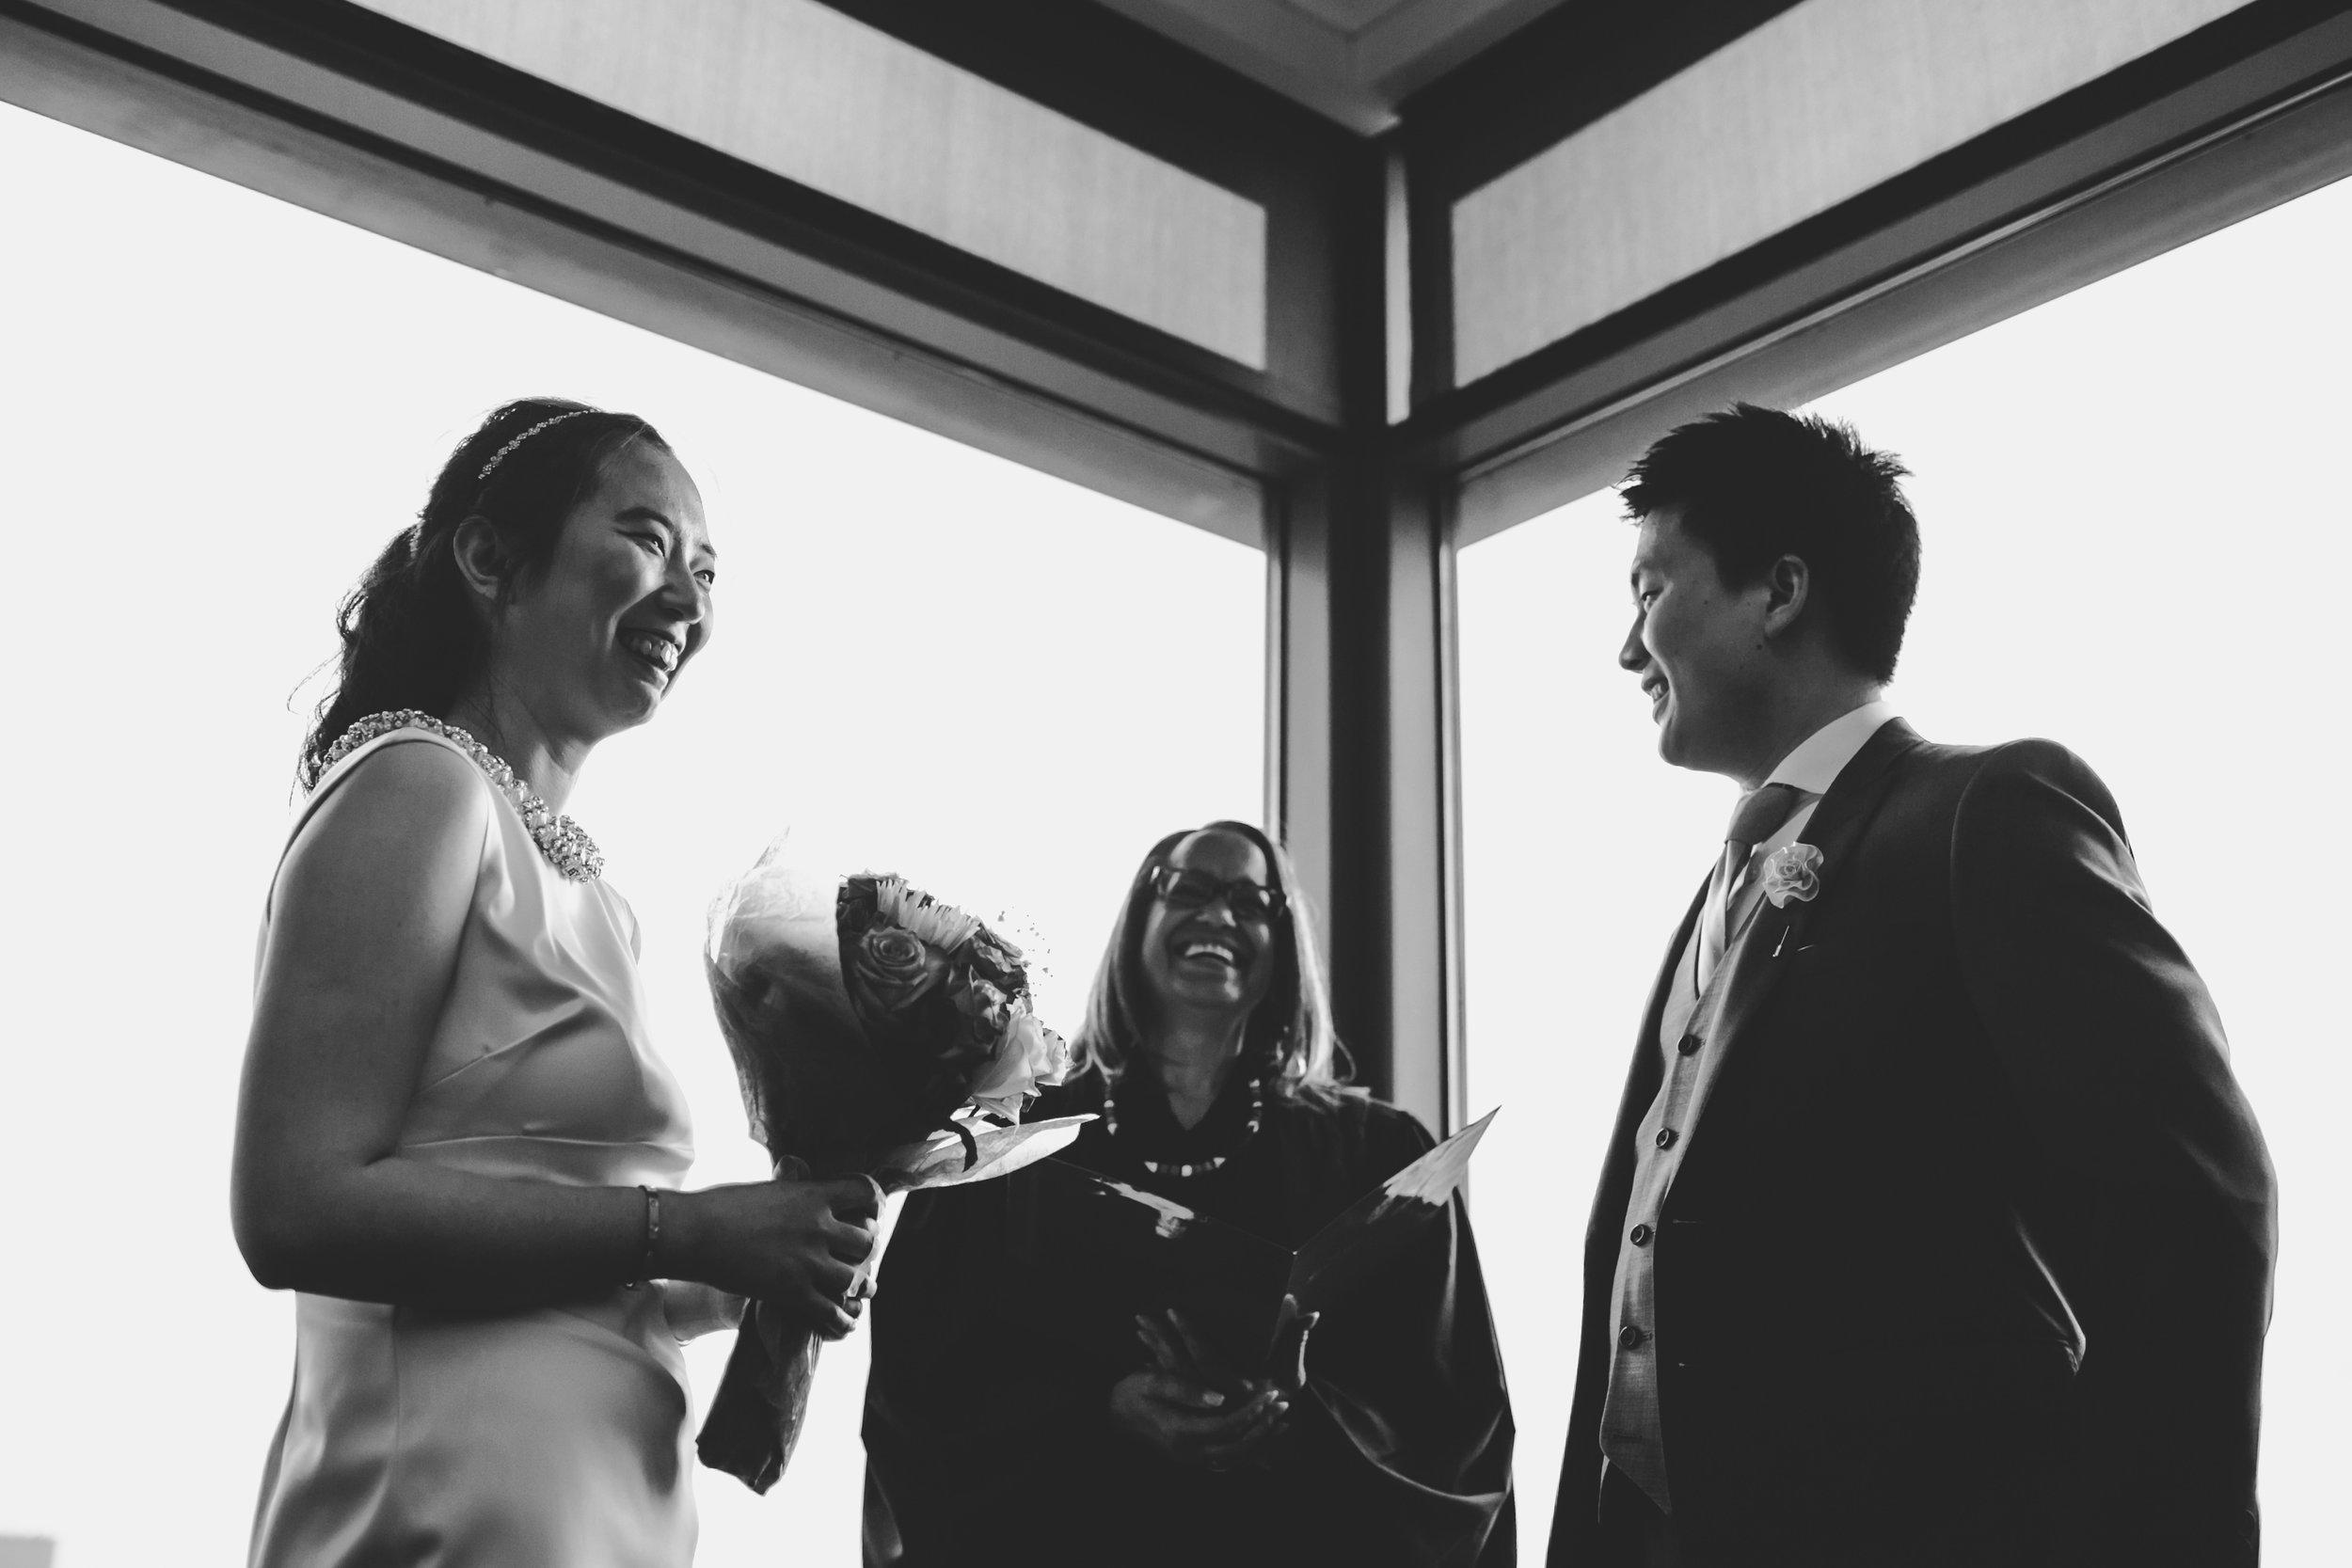 jennykevincourthousewedding-ceremony-00030.jpg